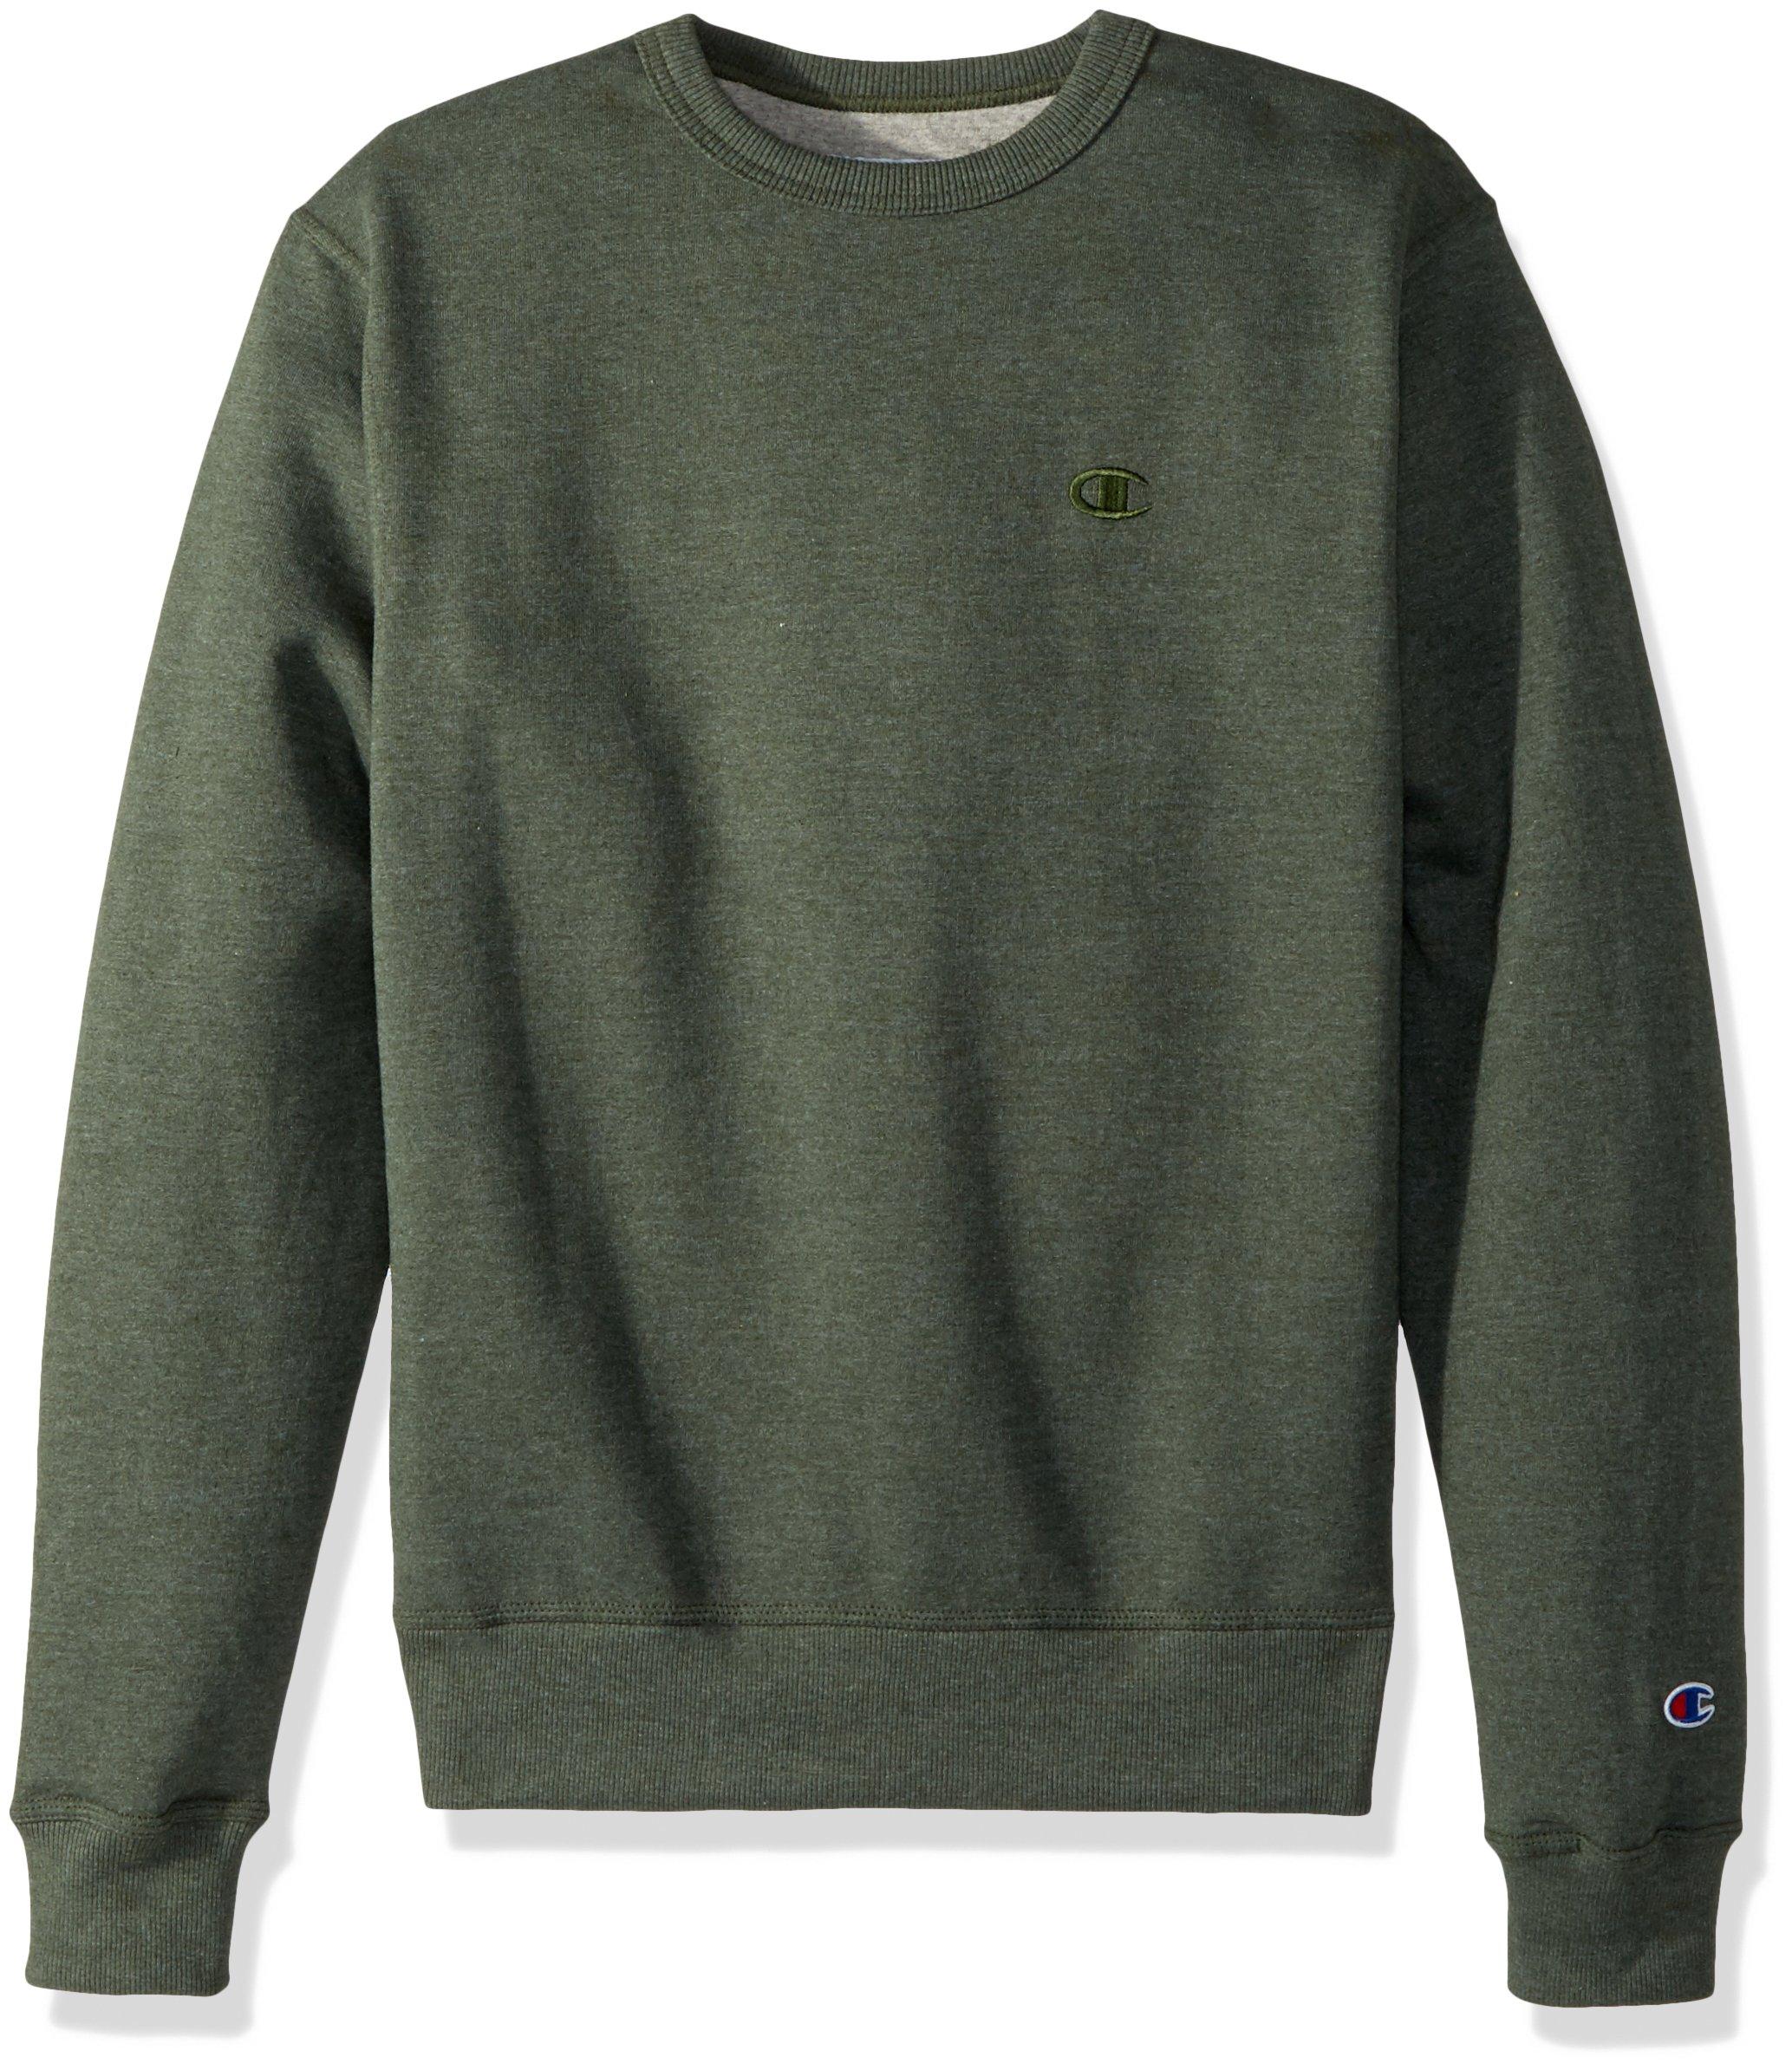 Champion Men's Powerblend Fleece Pullover Sweatshirt, Forest Grove Heather, Medium by Champion